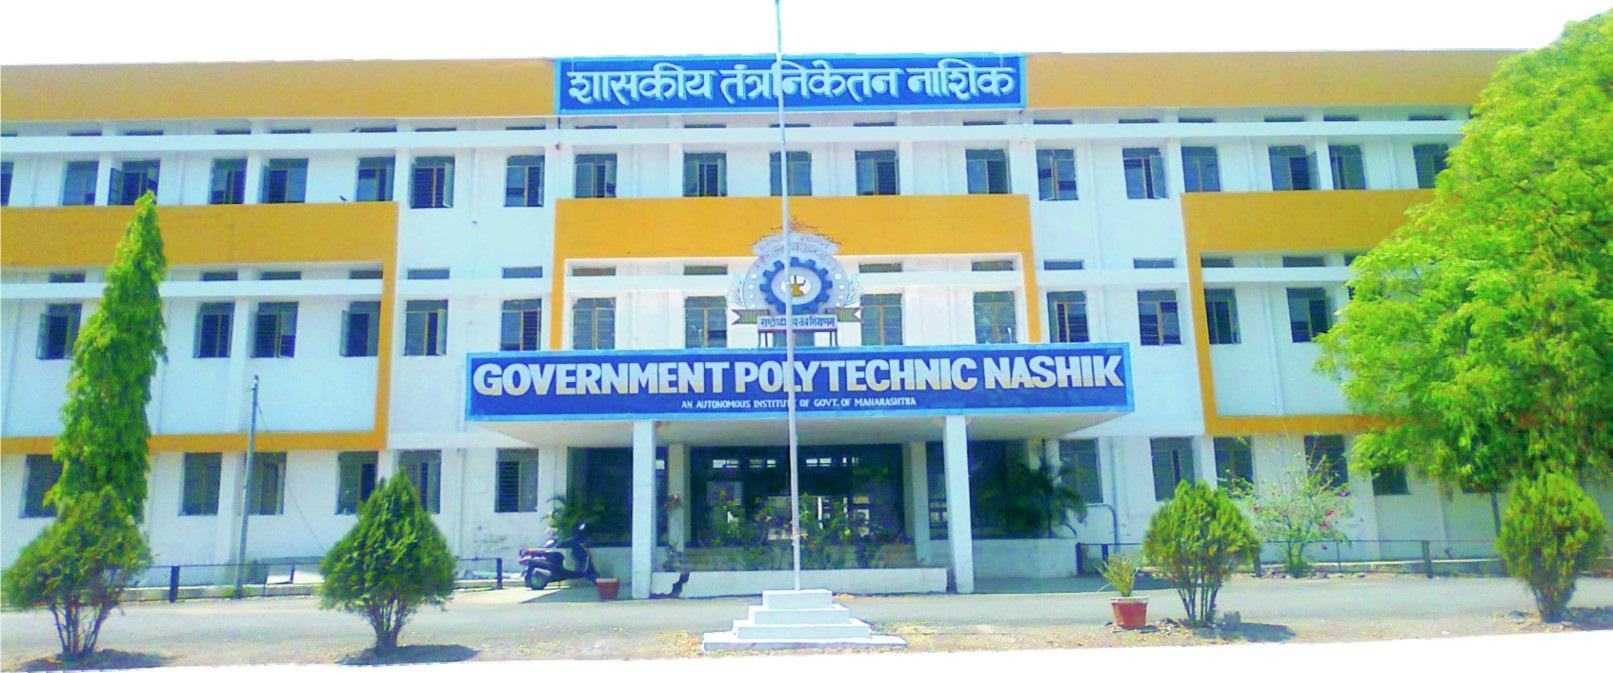 GOVERNMENT POLYTECHNIC, Nashik